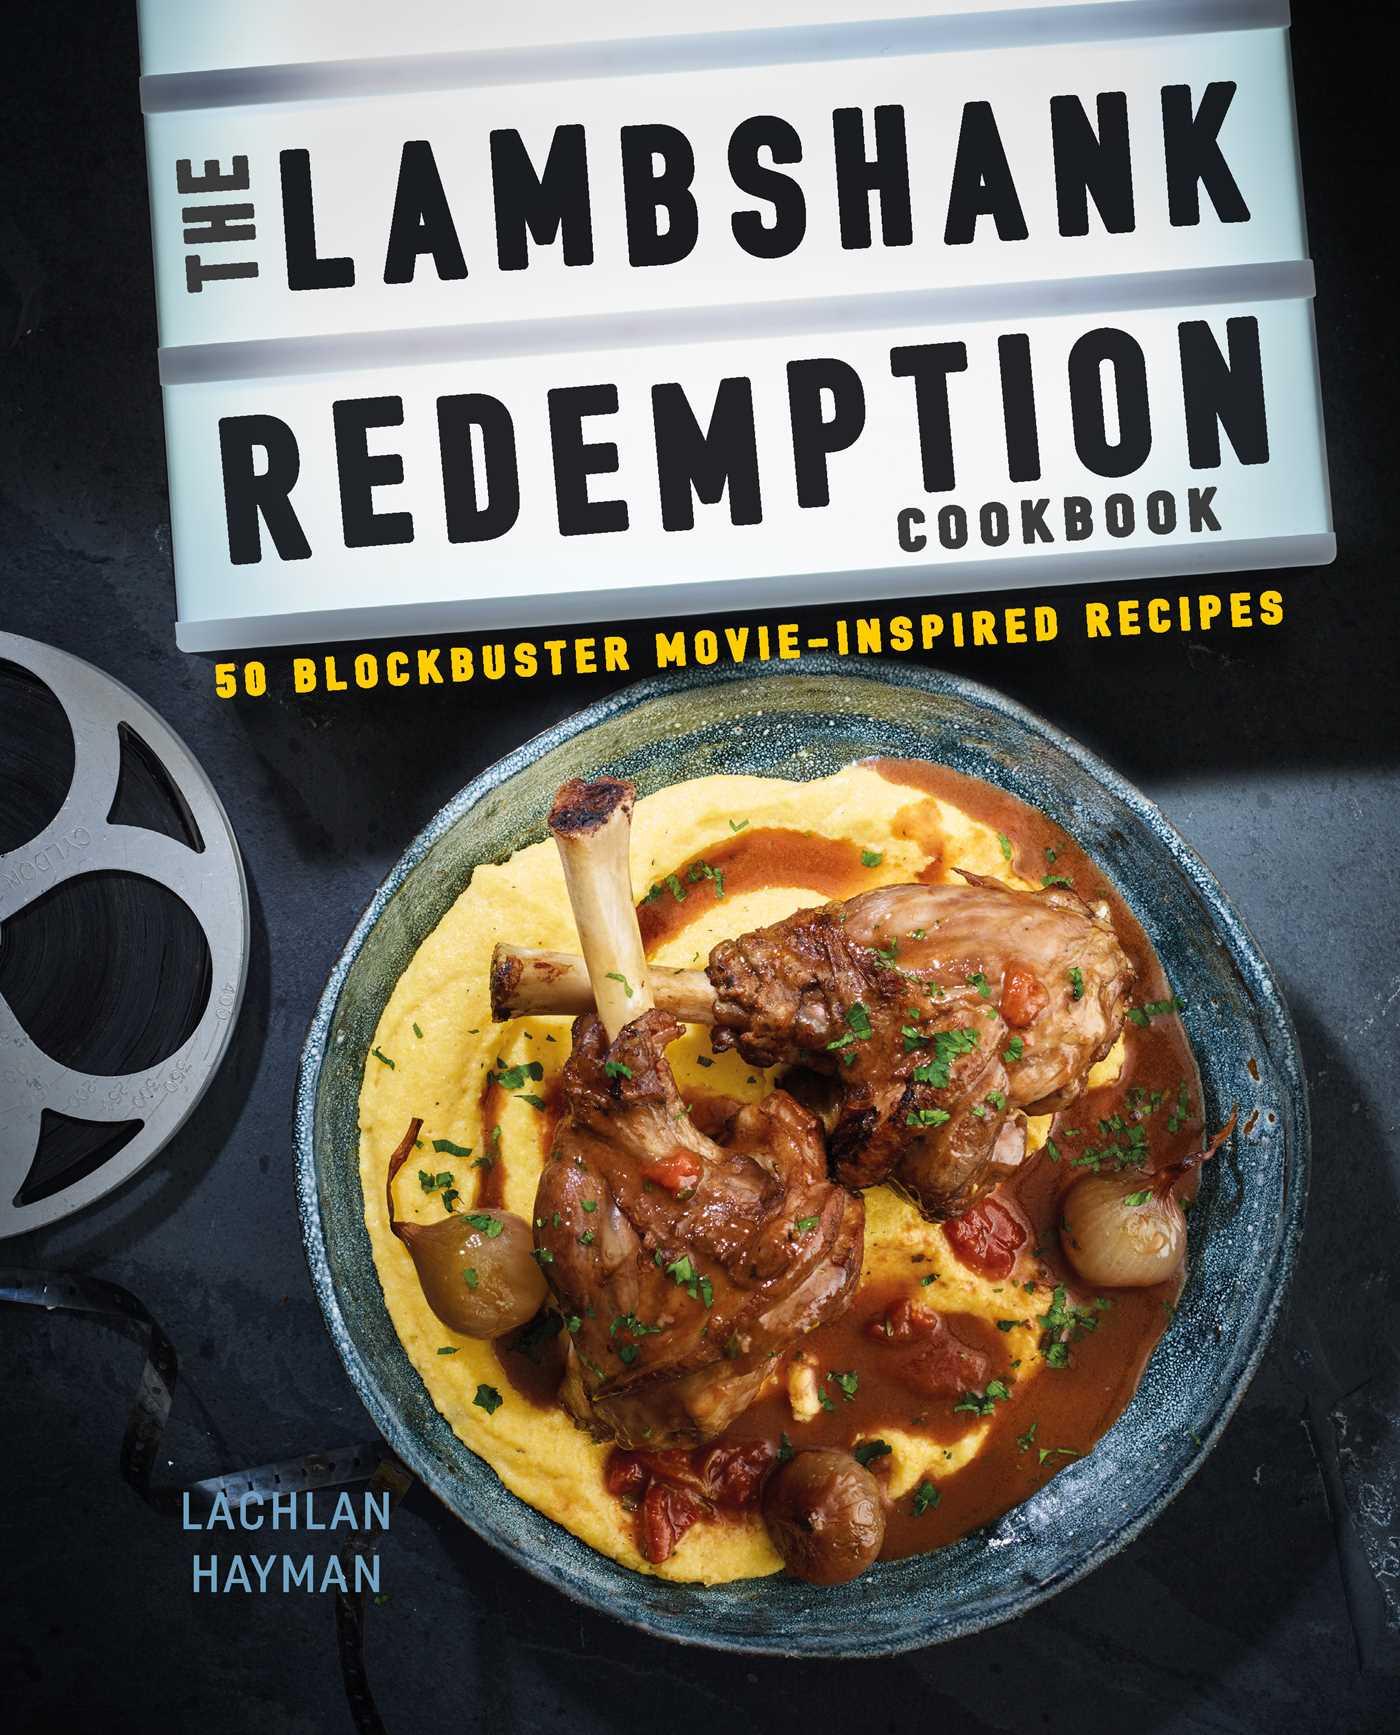 The lambshank redemption cookbook 9781911026280 hr